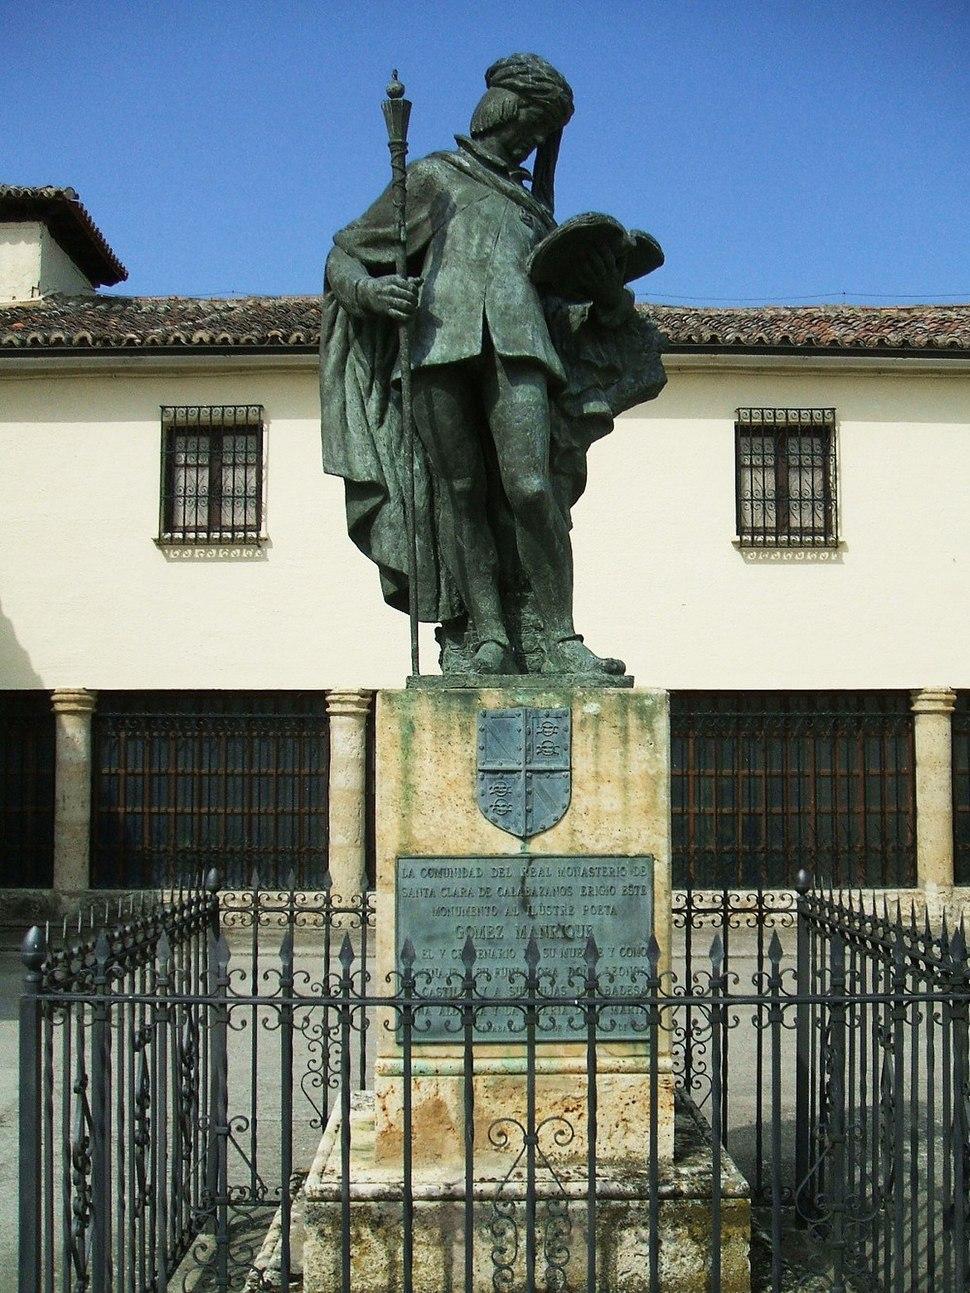 Calabazanos - Real Monasterio de N. S. de la Consolacion 02